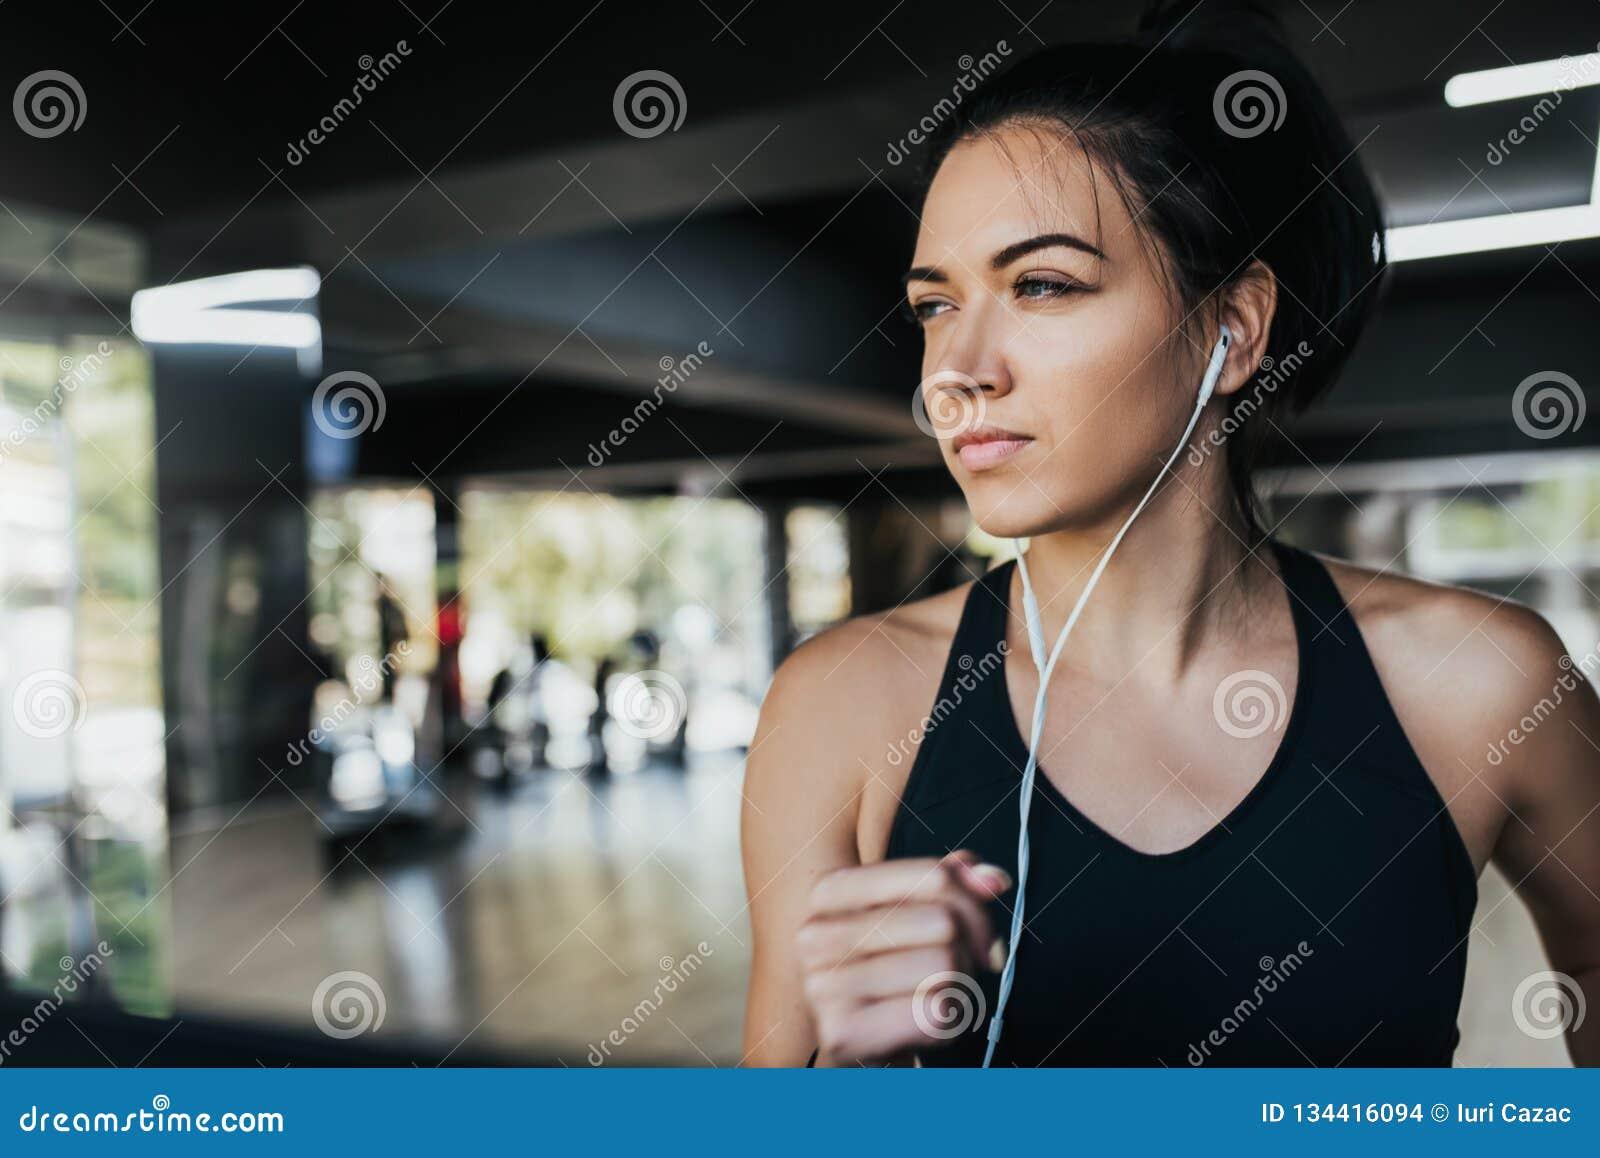 Horizontaal schot van jonge Kaukasische vrouwenagent het luisteren muziek op oortelefoons terwijl het lopen in de gymnastiek, die